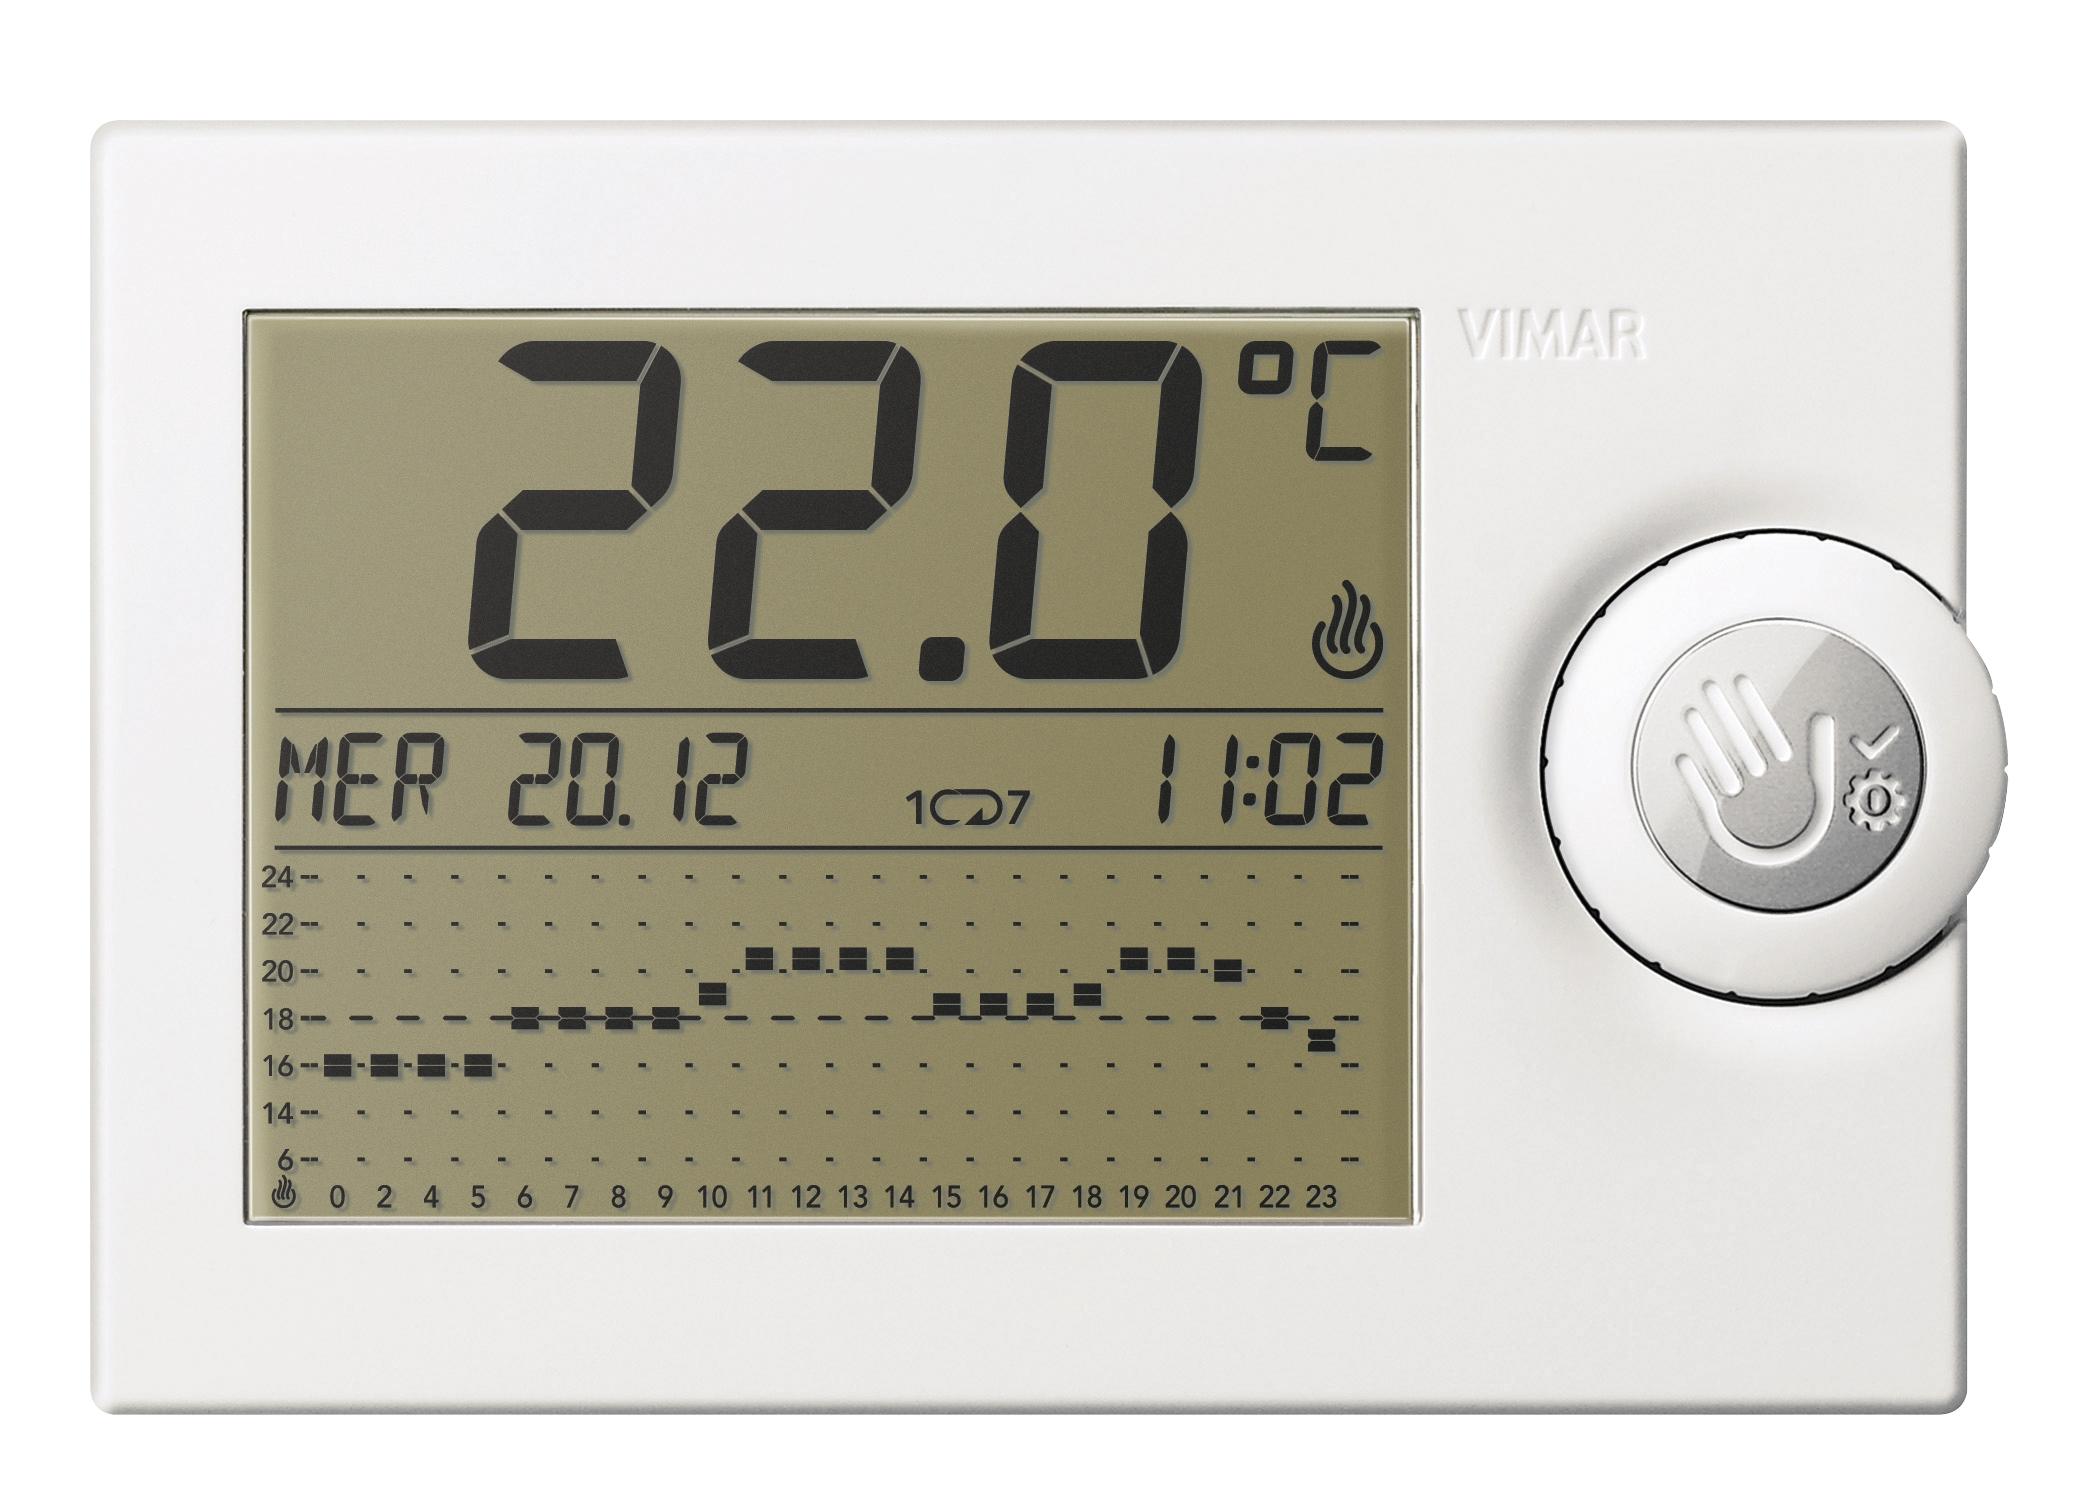 Termostato vimar 01911 istruzioni confortevole soggiorno for Termostato lafayette istruzioni